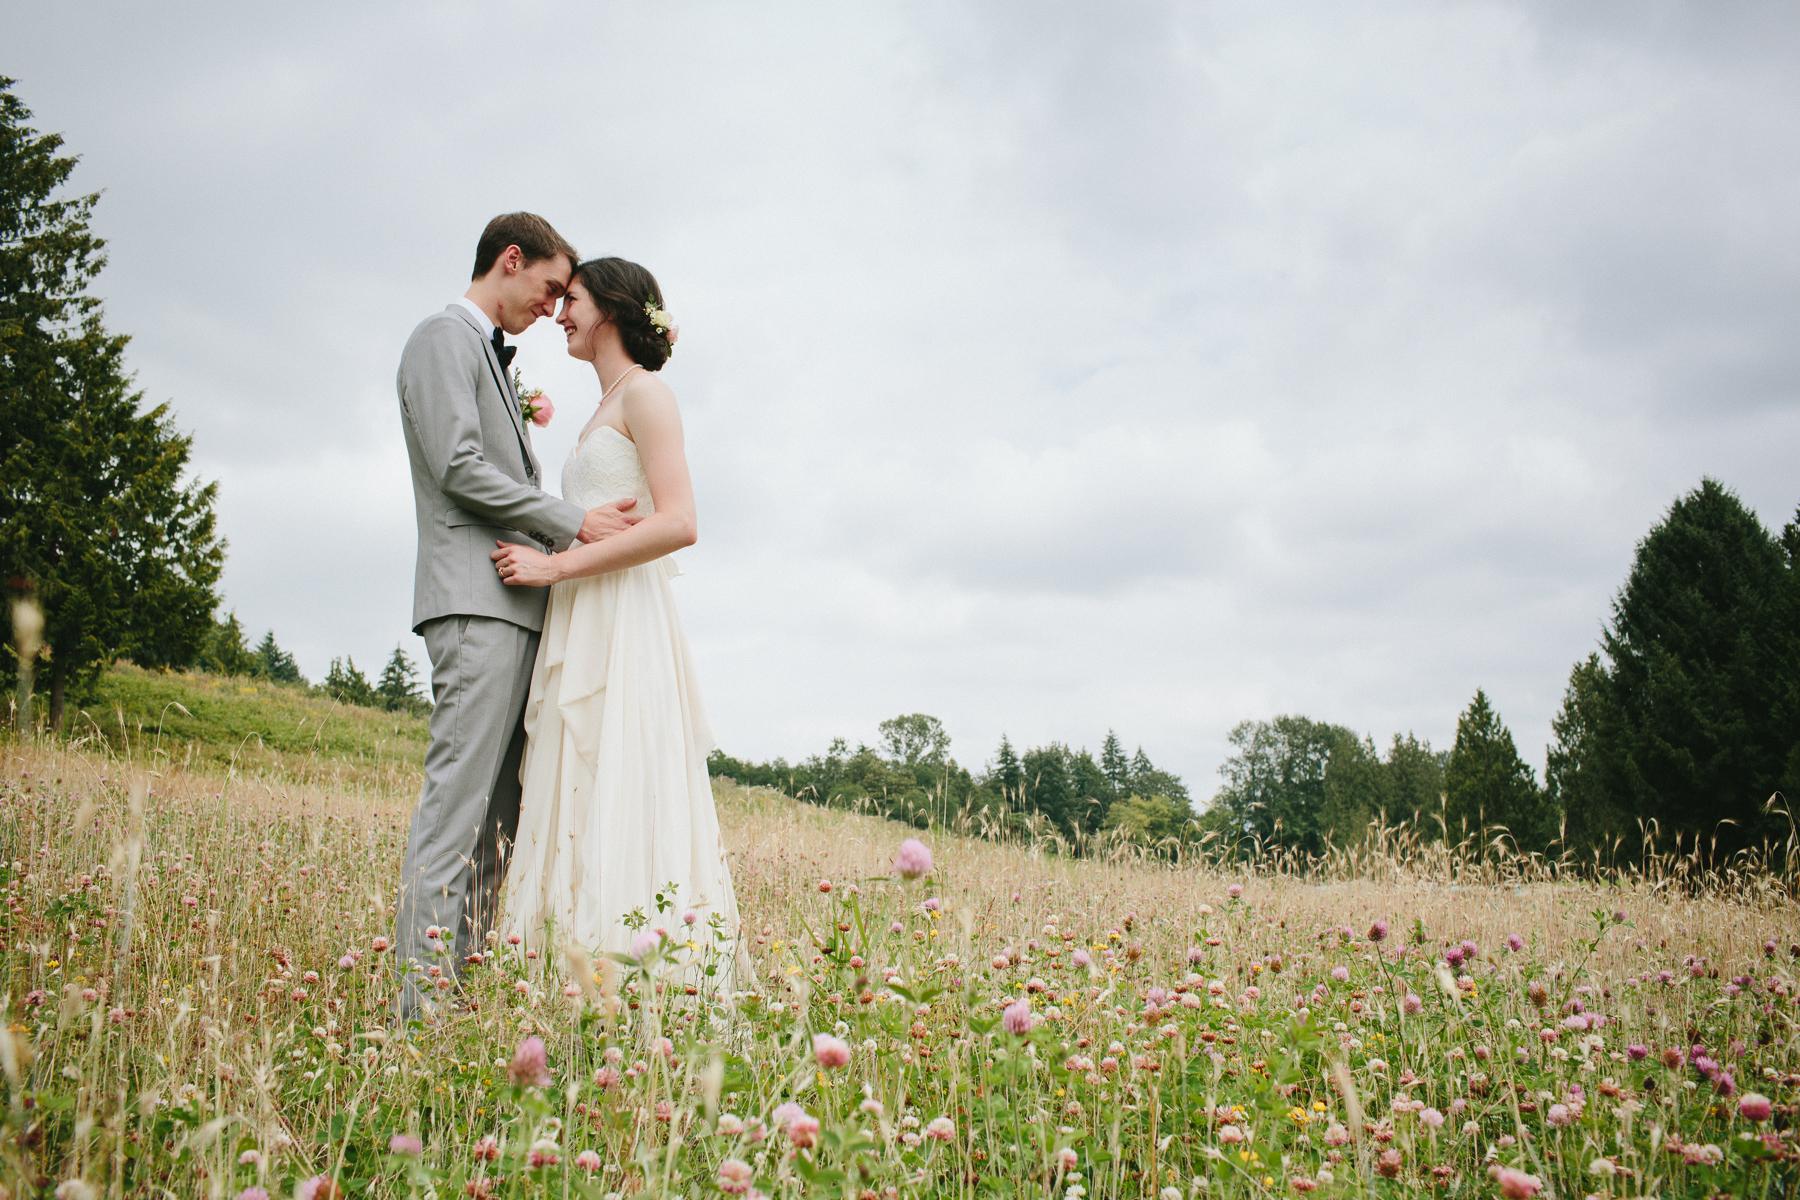 Vancouver-Rustic-Farm-Wedding-KB-058.jpg